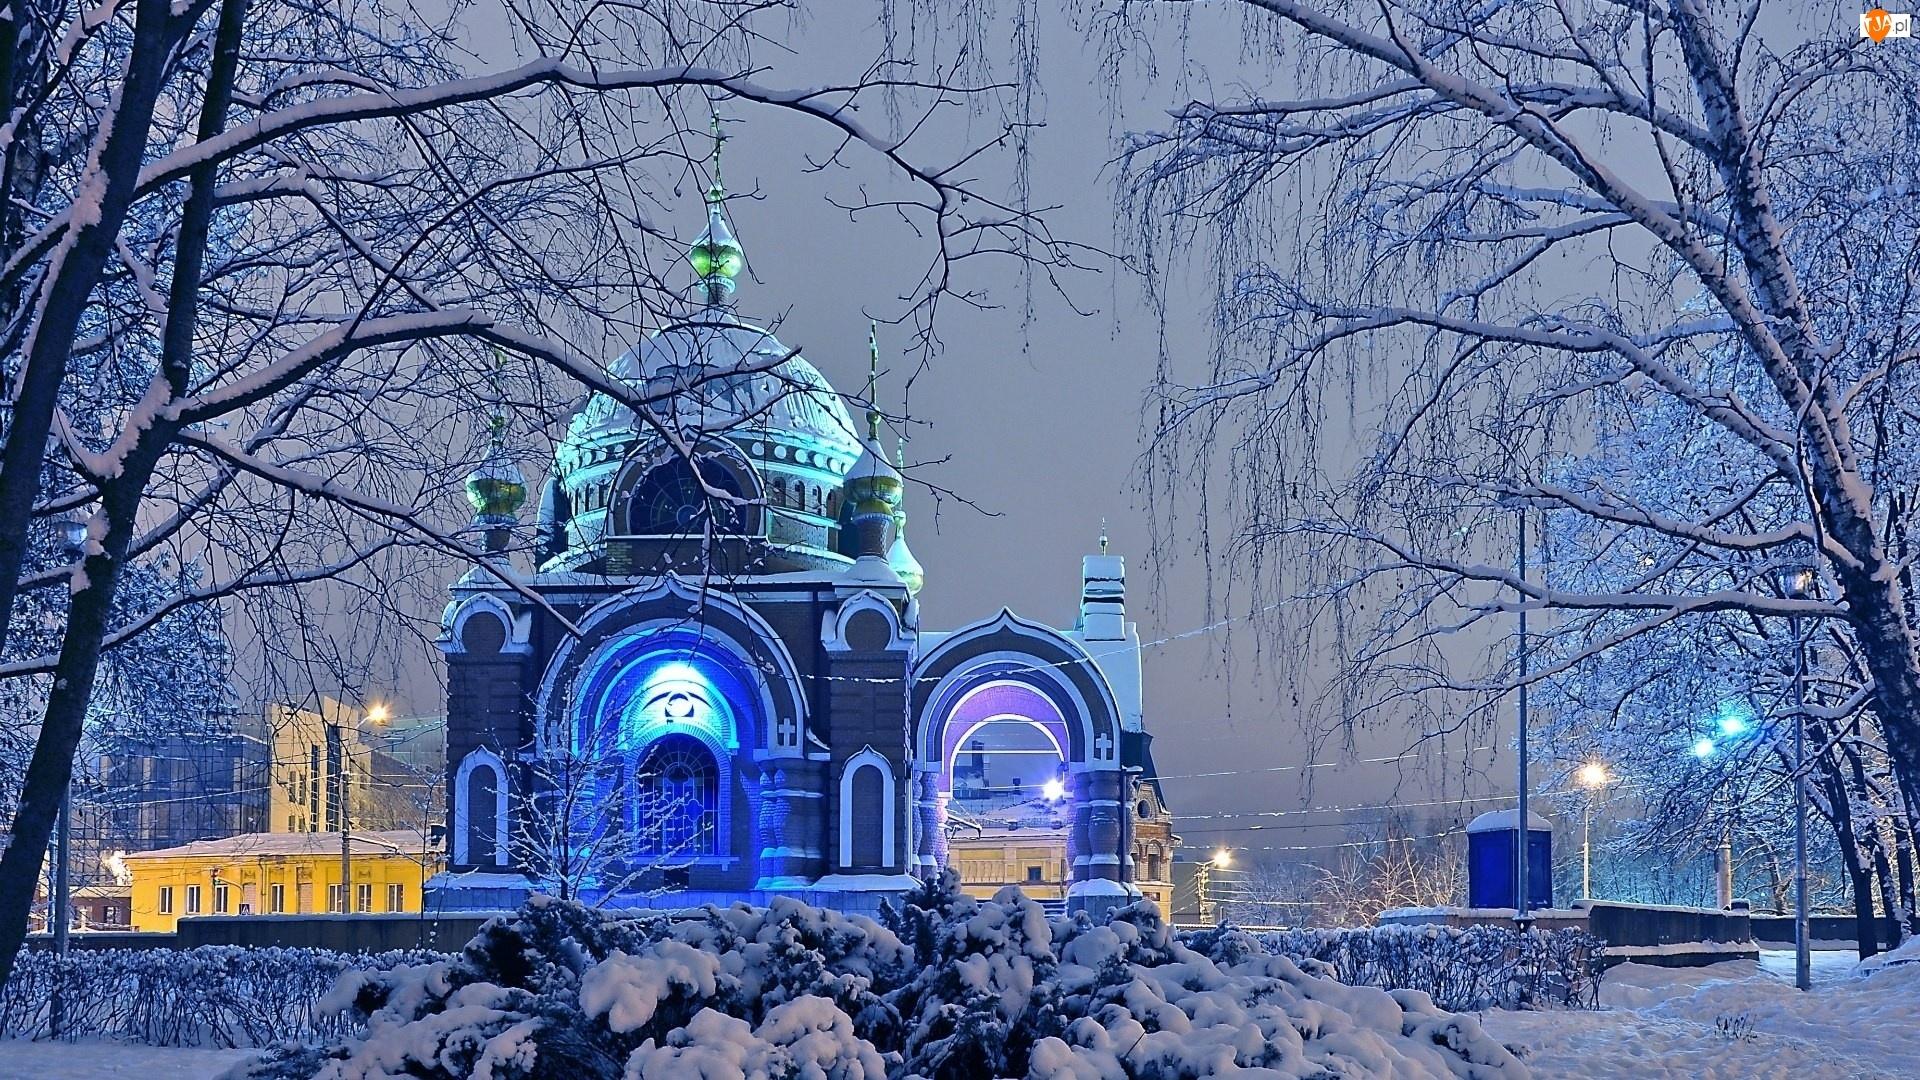 Cerkiew, Zima, Drzewa, Śnieg